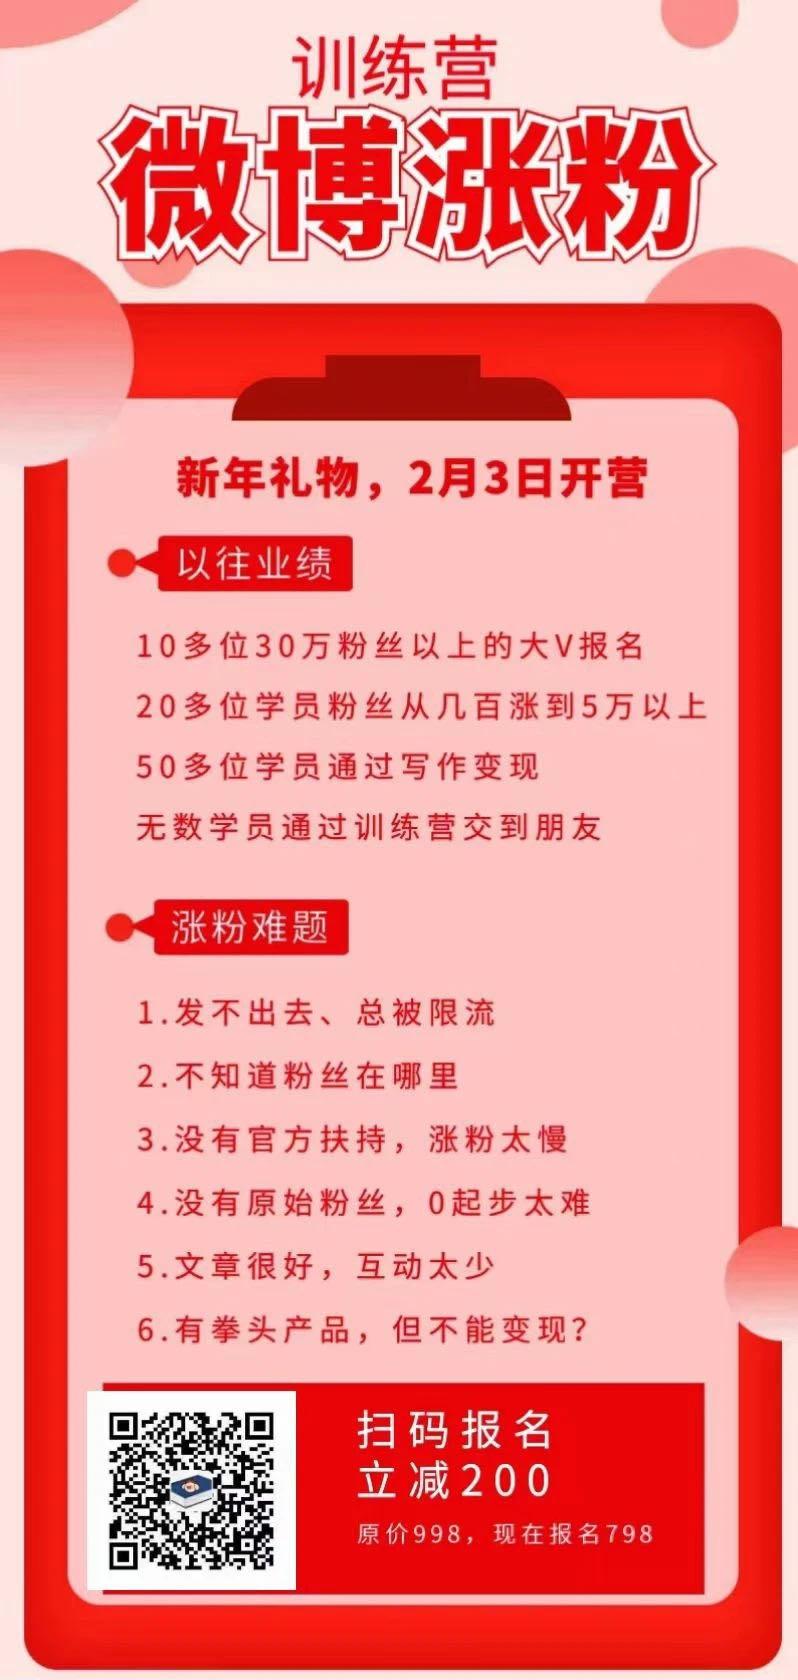 价值998元的写书哥微博涨训粉练营百度网盘下载地址.jpg